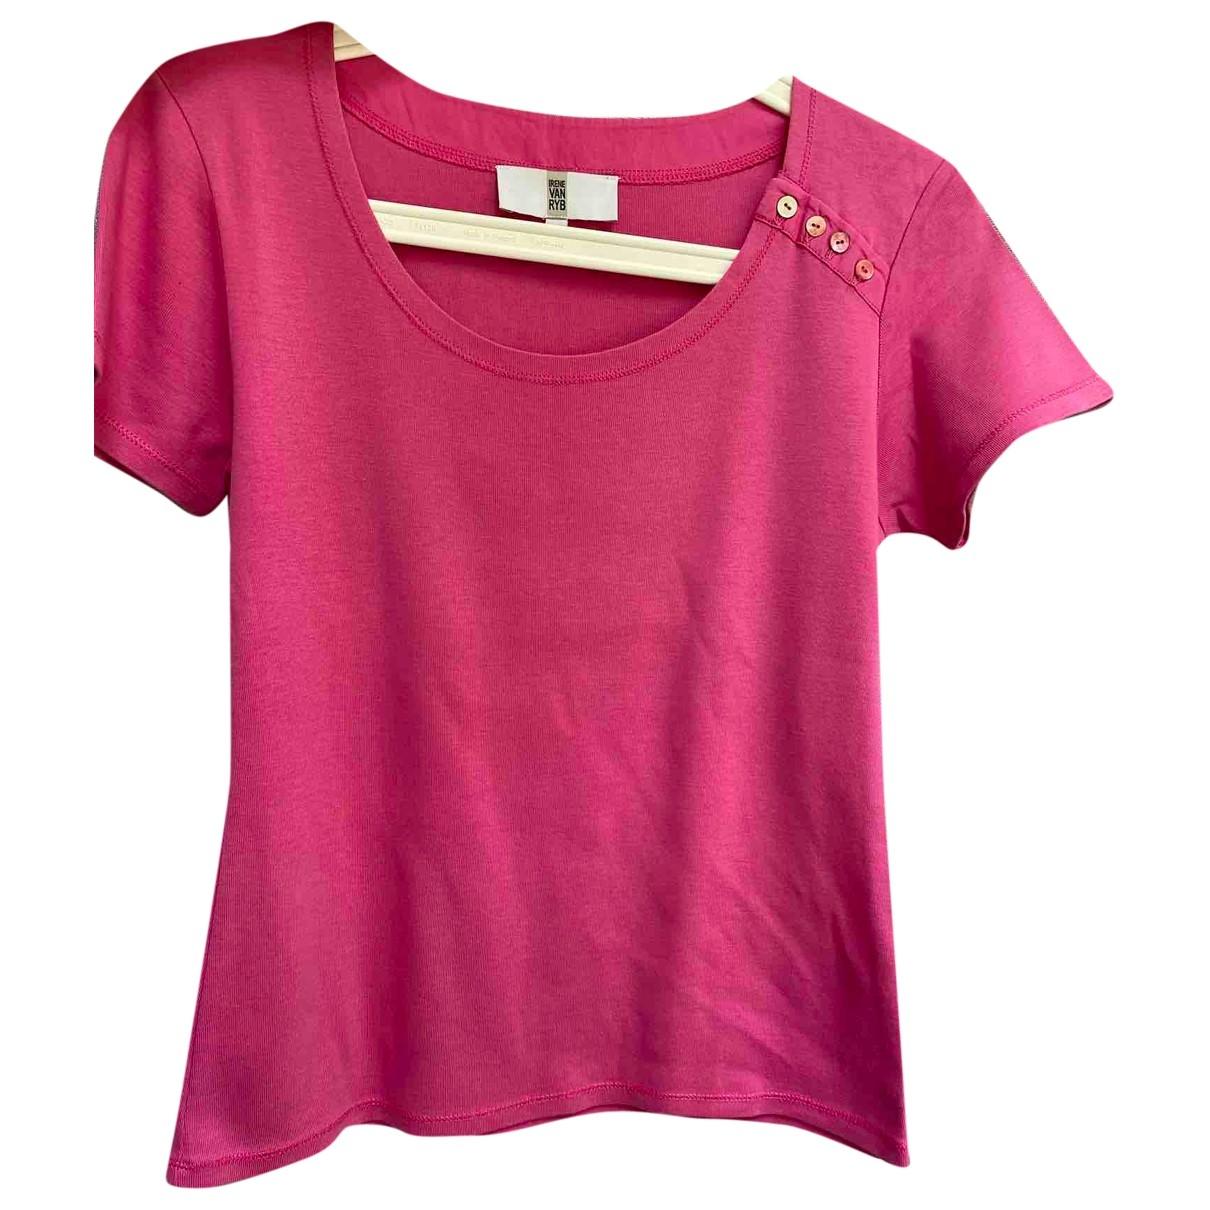 Irene Van Ryb - Top   pour femme en coton - rose